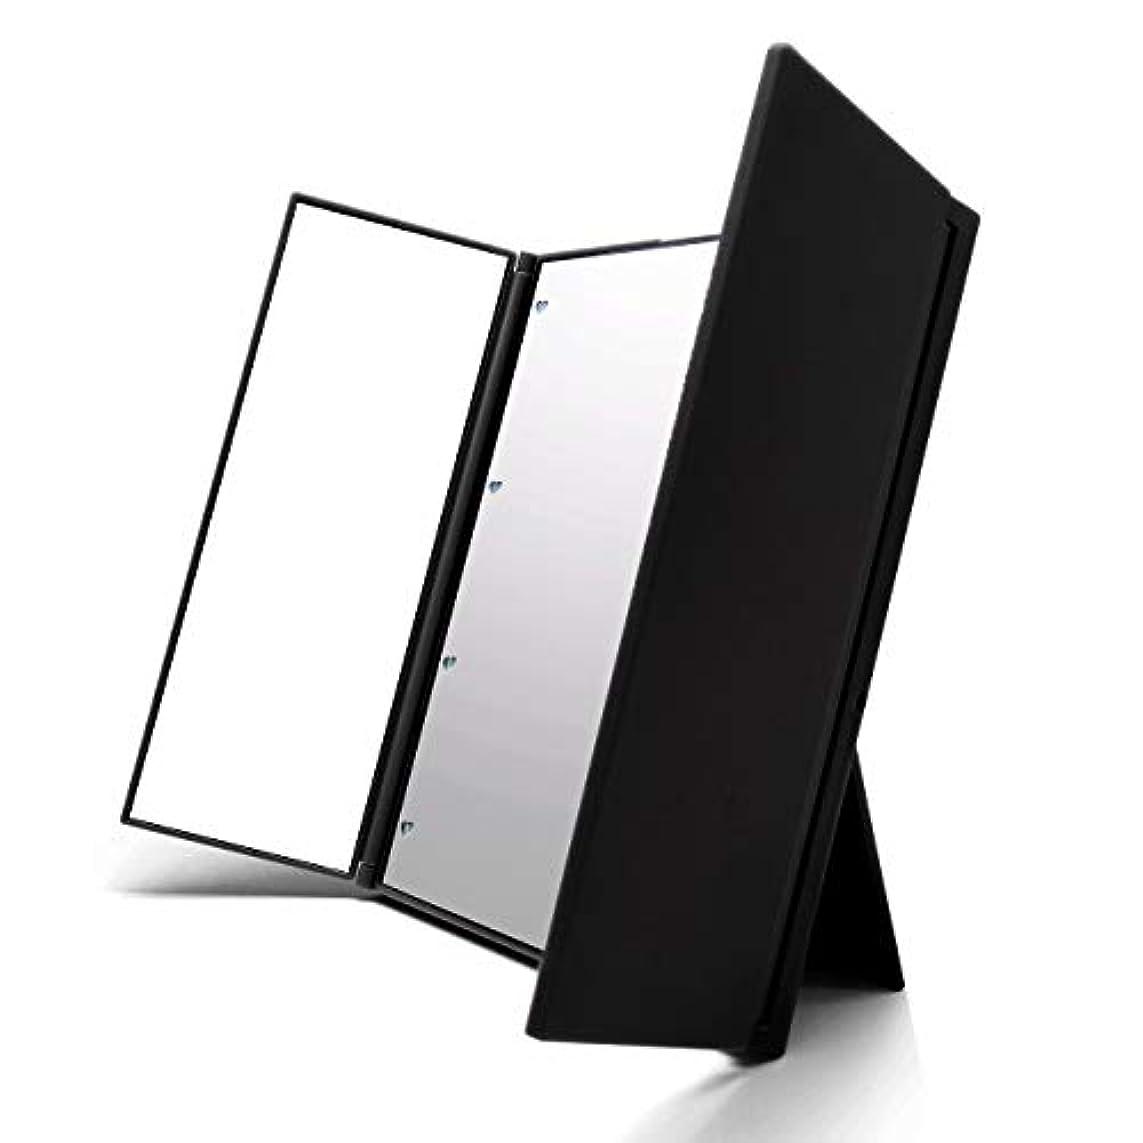 輸送放課後超音速Vidgoo 鏡 卓上 化粧鏡 スタンド LED付き 三面鏡 折り畳み式 調整可能 電池型 ブラック